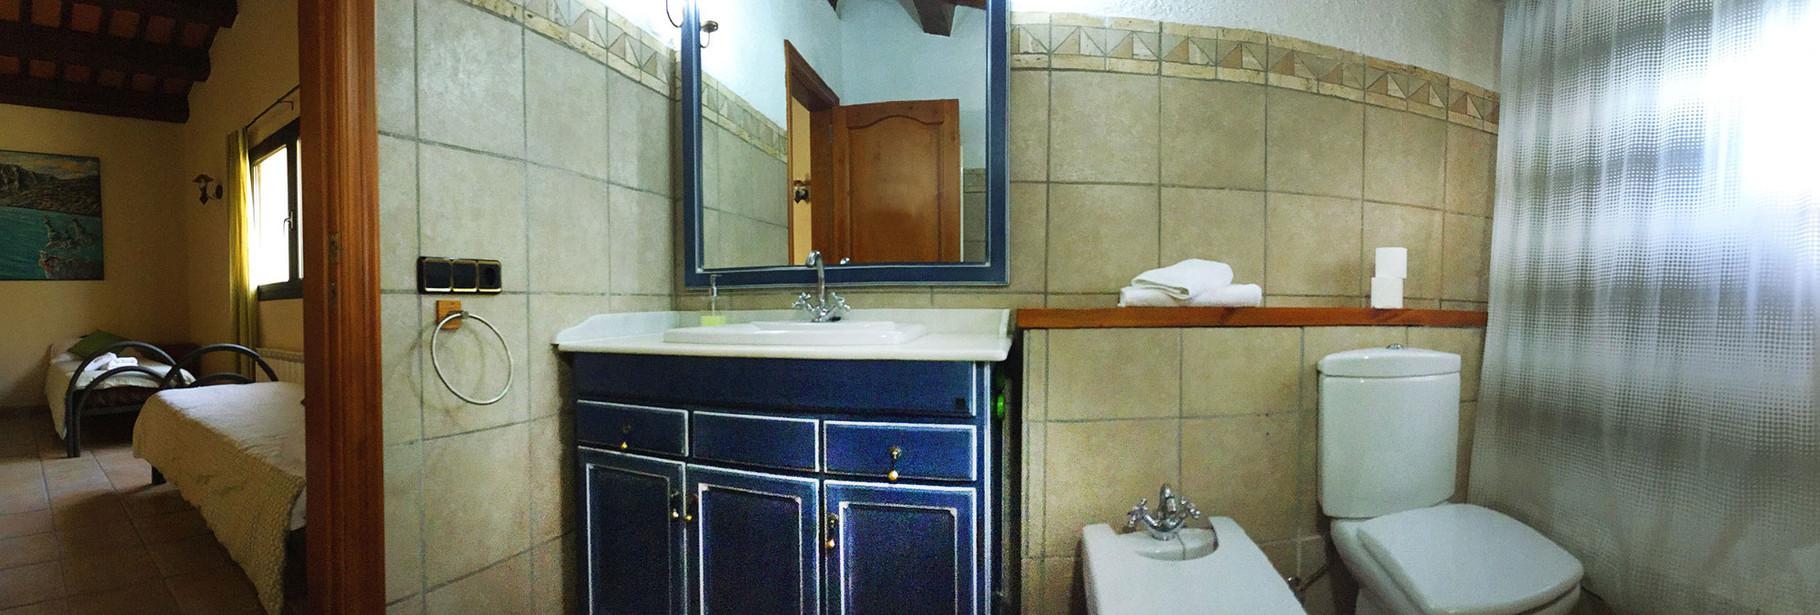 Ampli lavabo